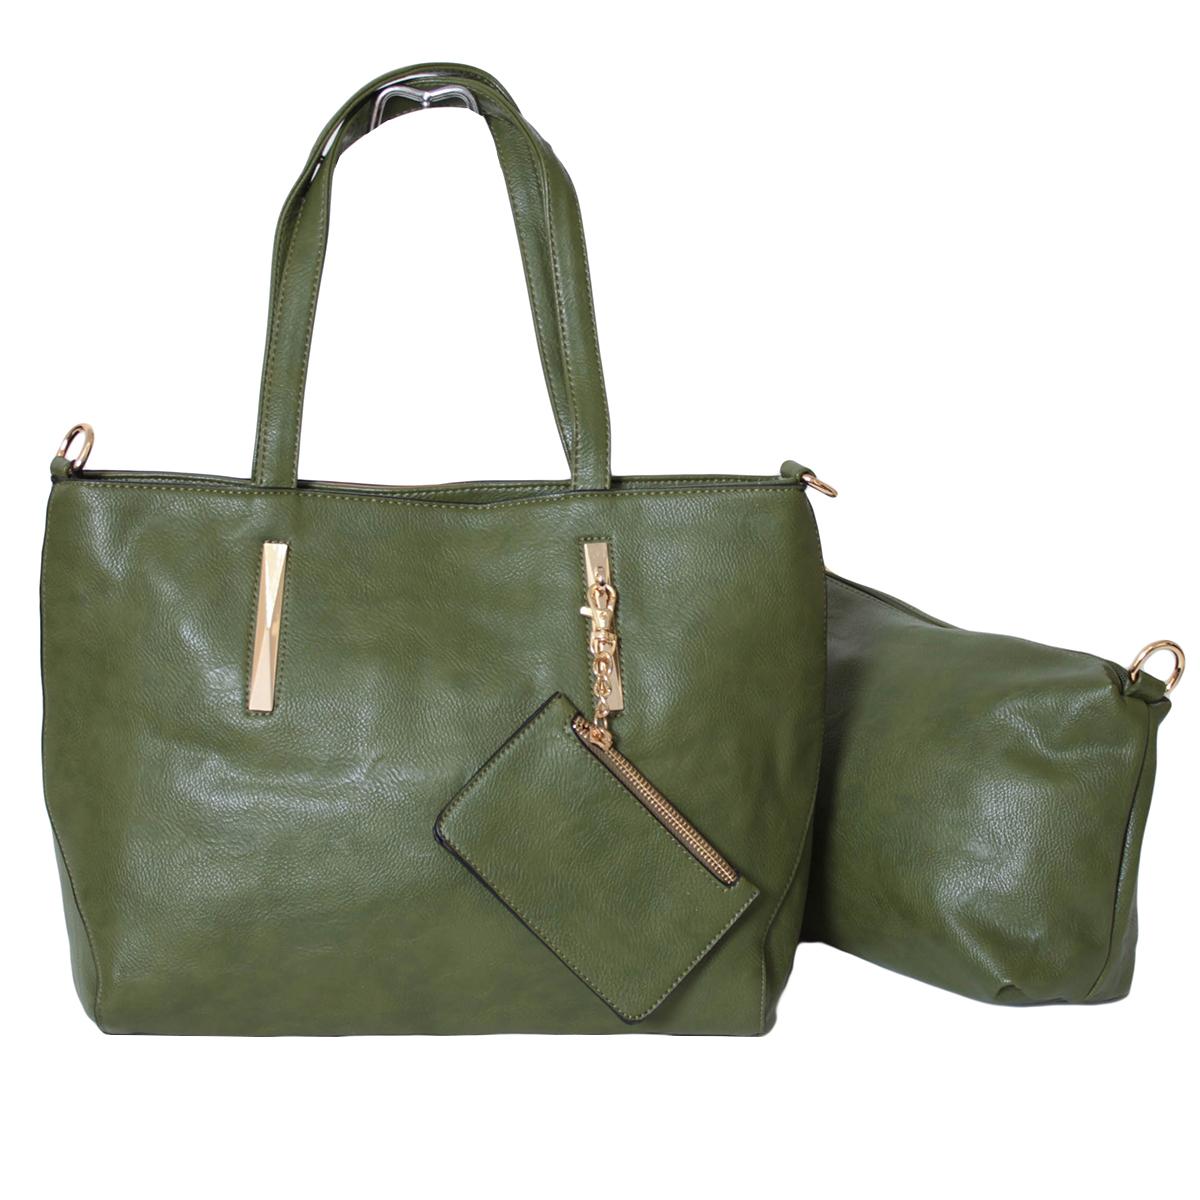 Сумка женская Flioraj, цвет: зеленый. 0005291700052917Закрывается на молнию. Внутри одно отделение, один карман на молнии и два открытых. В комплекте косметичка, кошелек для мелочи и длинный ремень.